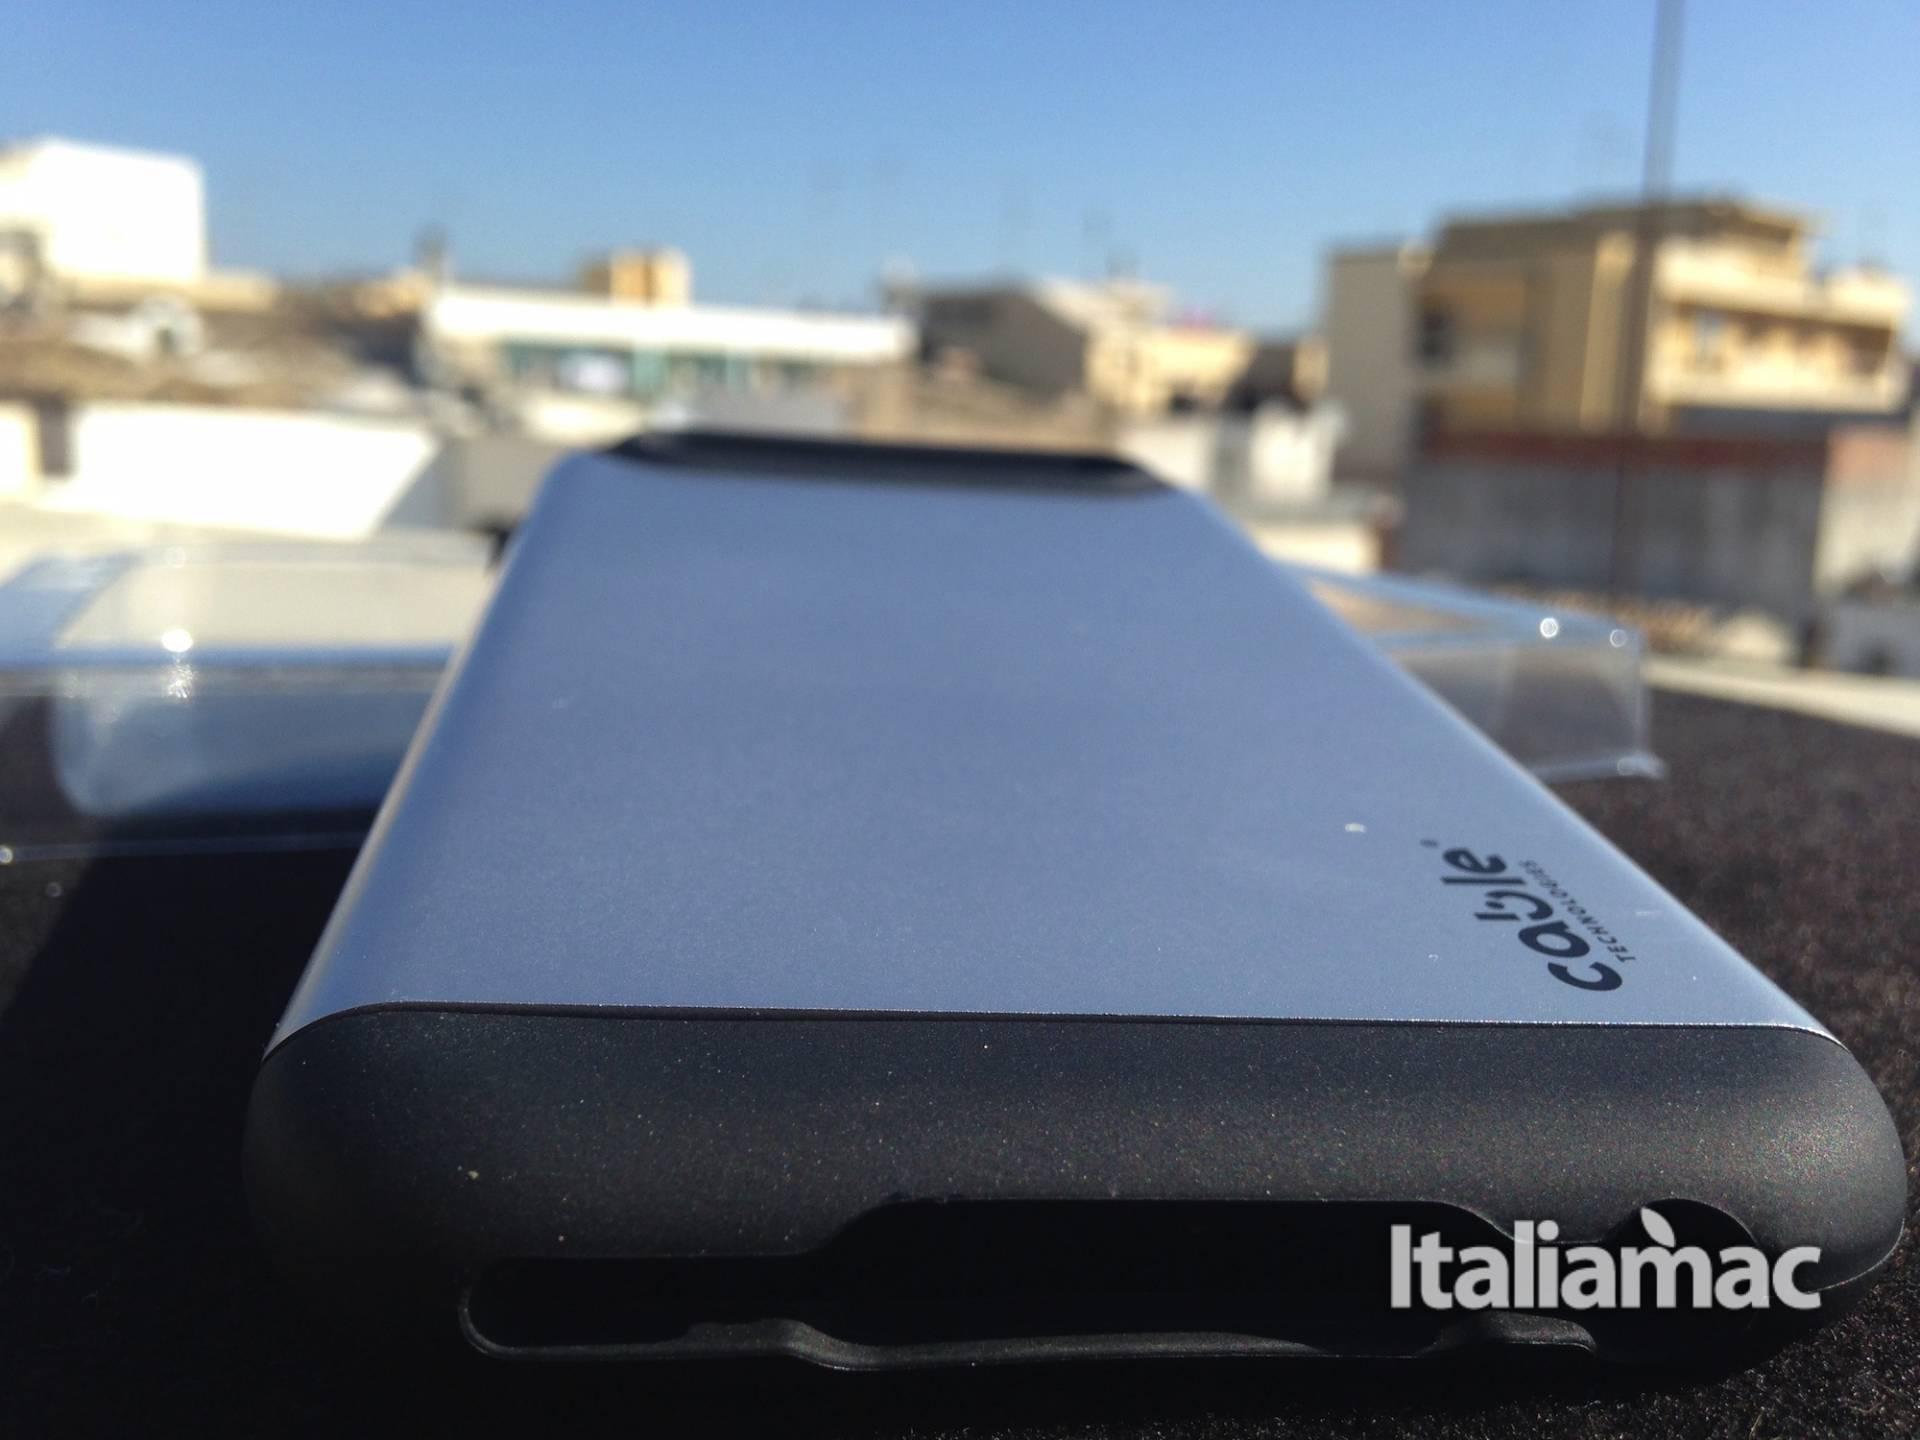 %name Strong Case di Cable Technologies, per difendere al meglio il tuo iPhone